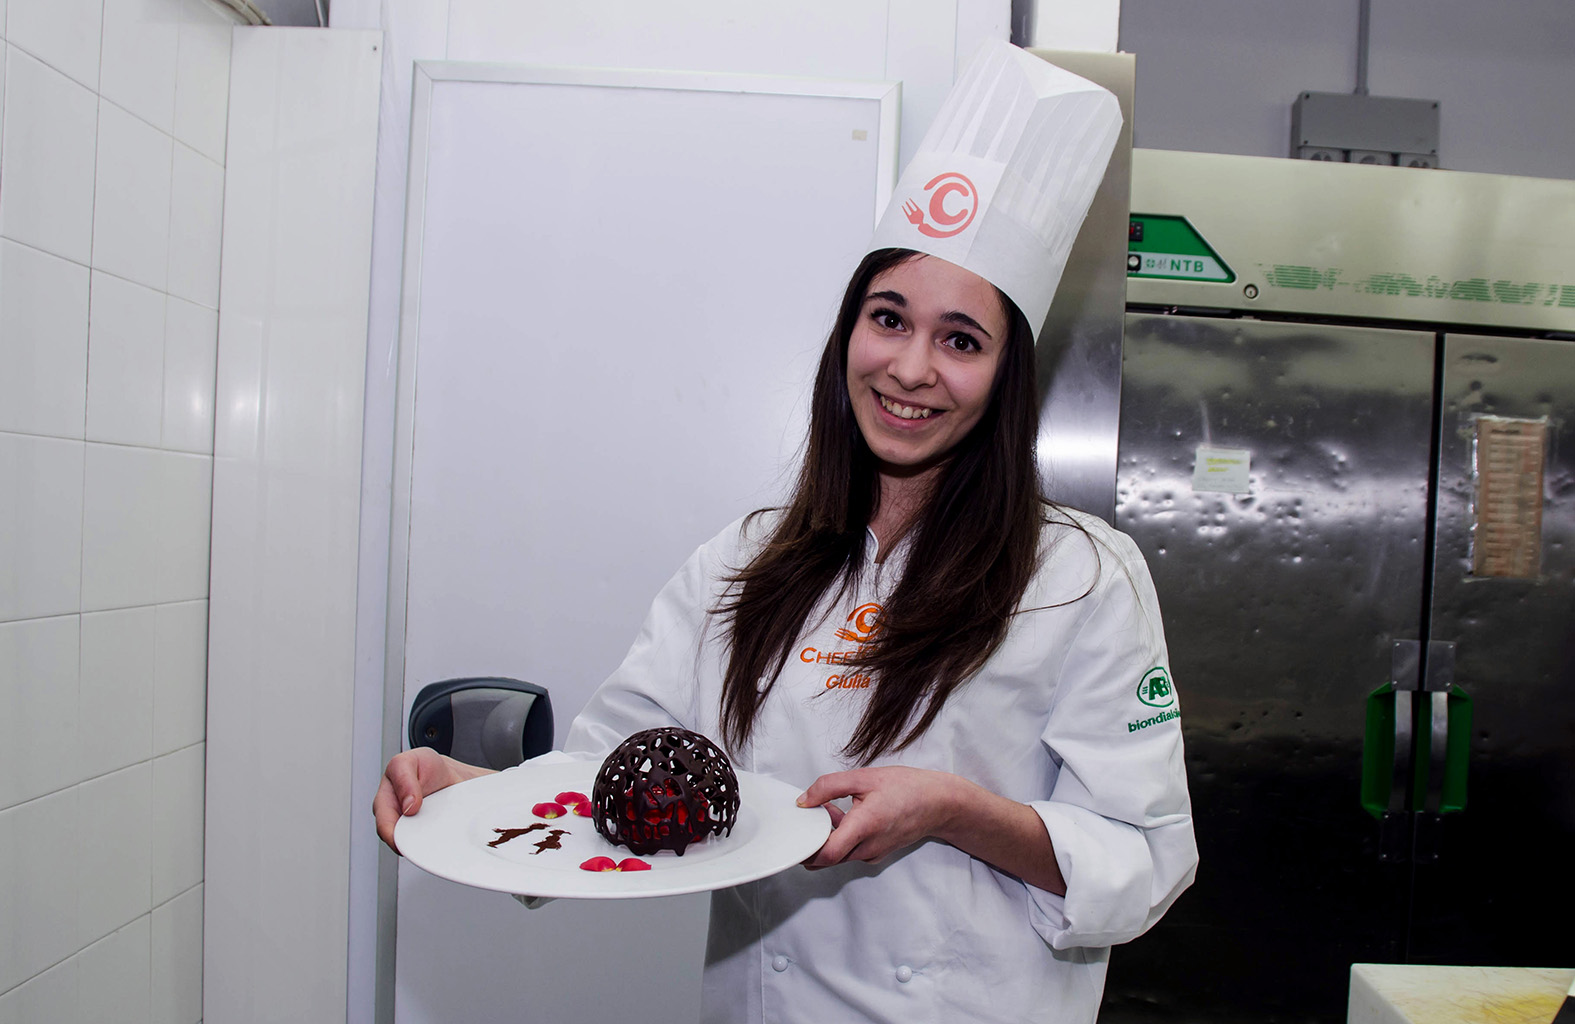 La sfida tra le concorrenti più giovani  se l'aggiudica Giulia Sbrega per soli 2 voti